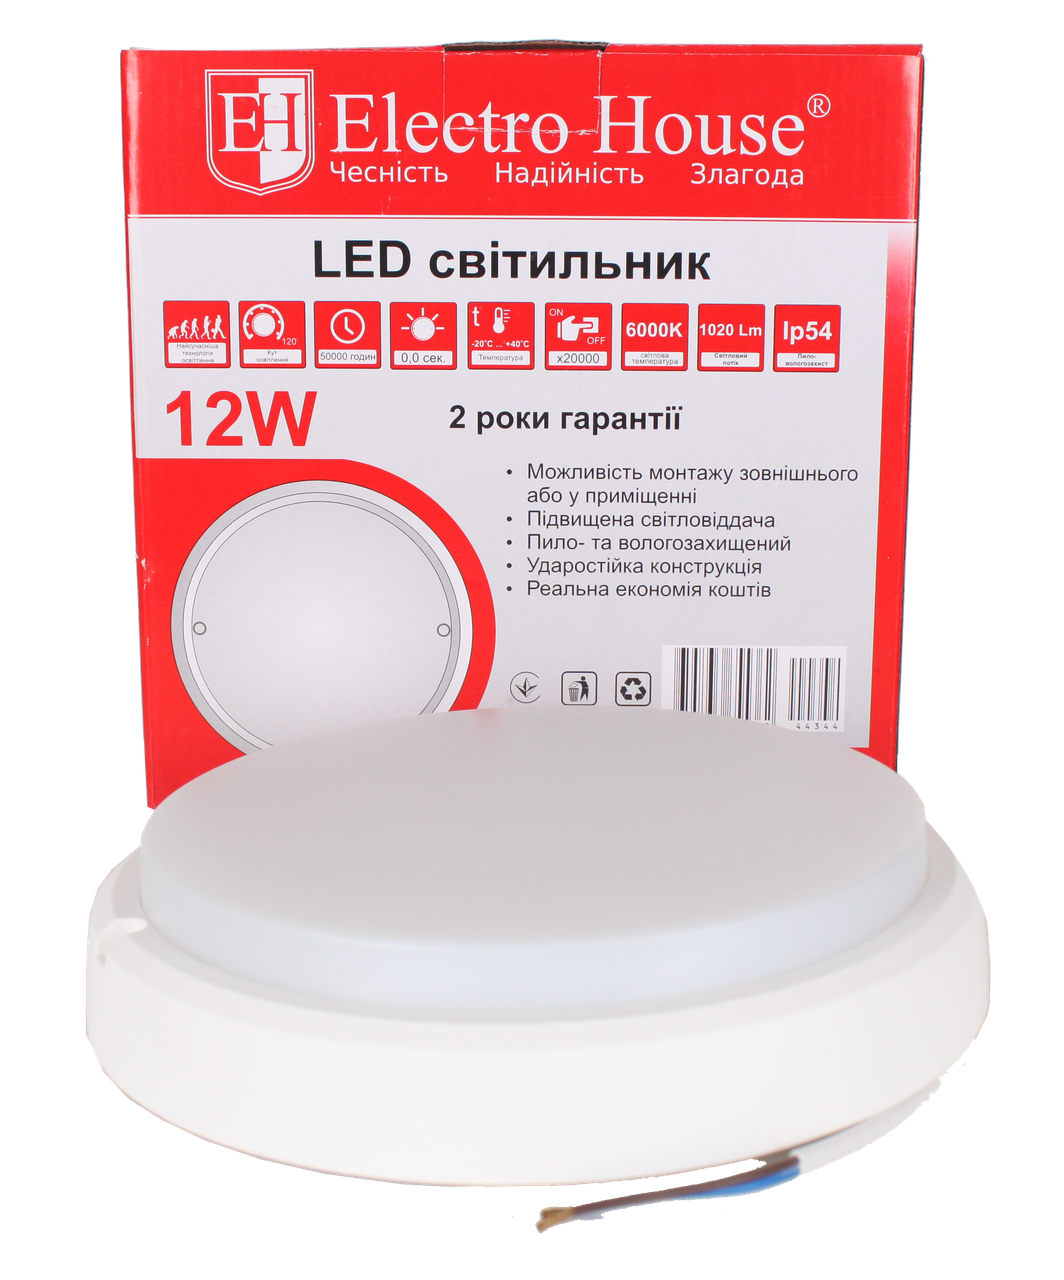 Светодиодный LED светильник 12W 6500К 1020 Lm IP54 EL для ЖКХ